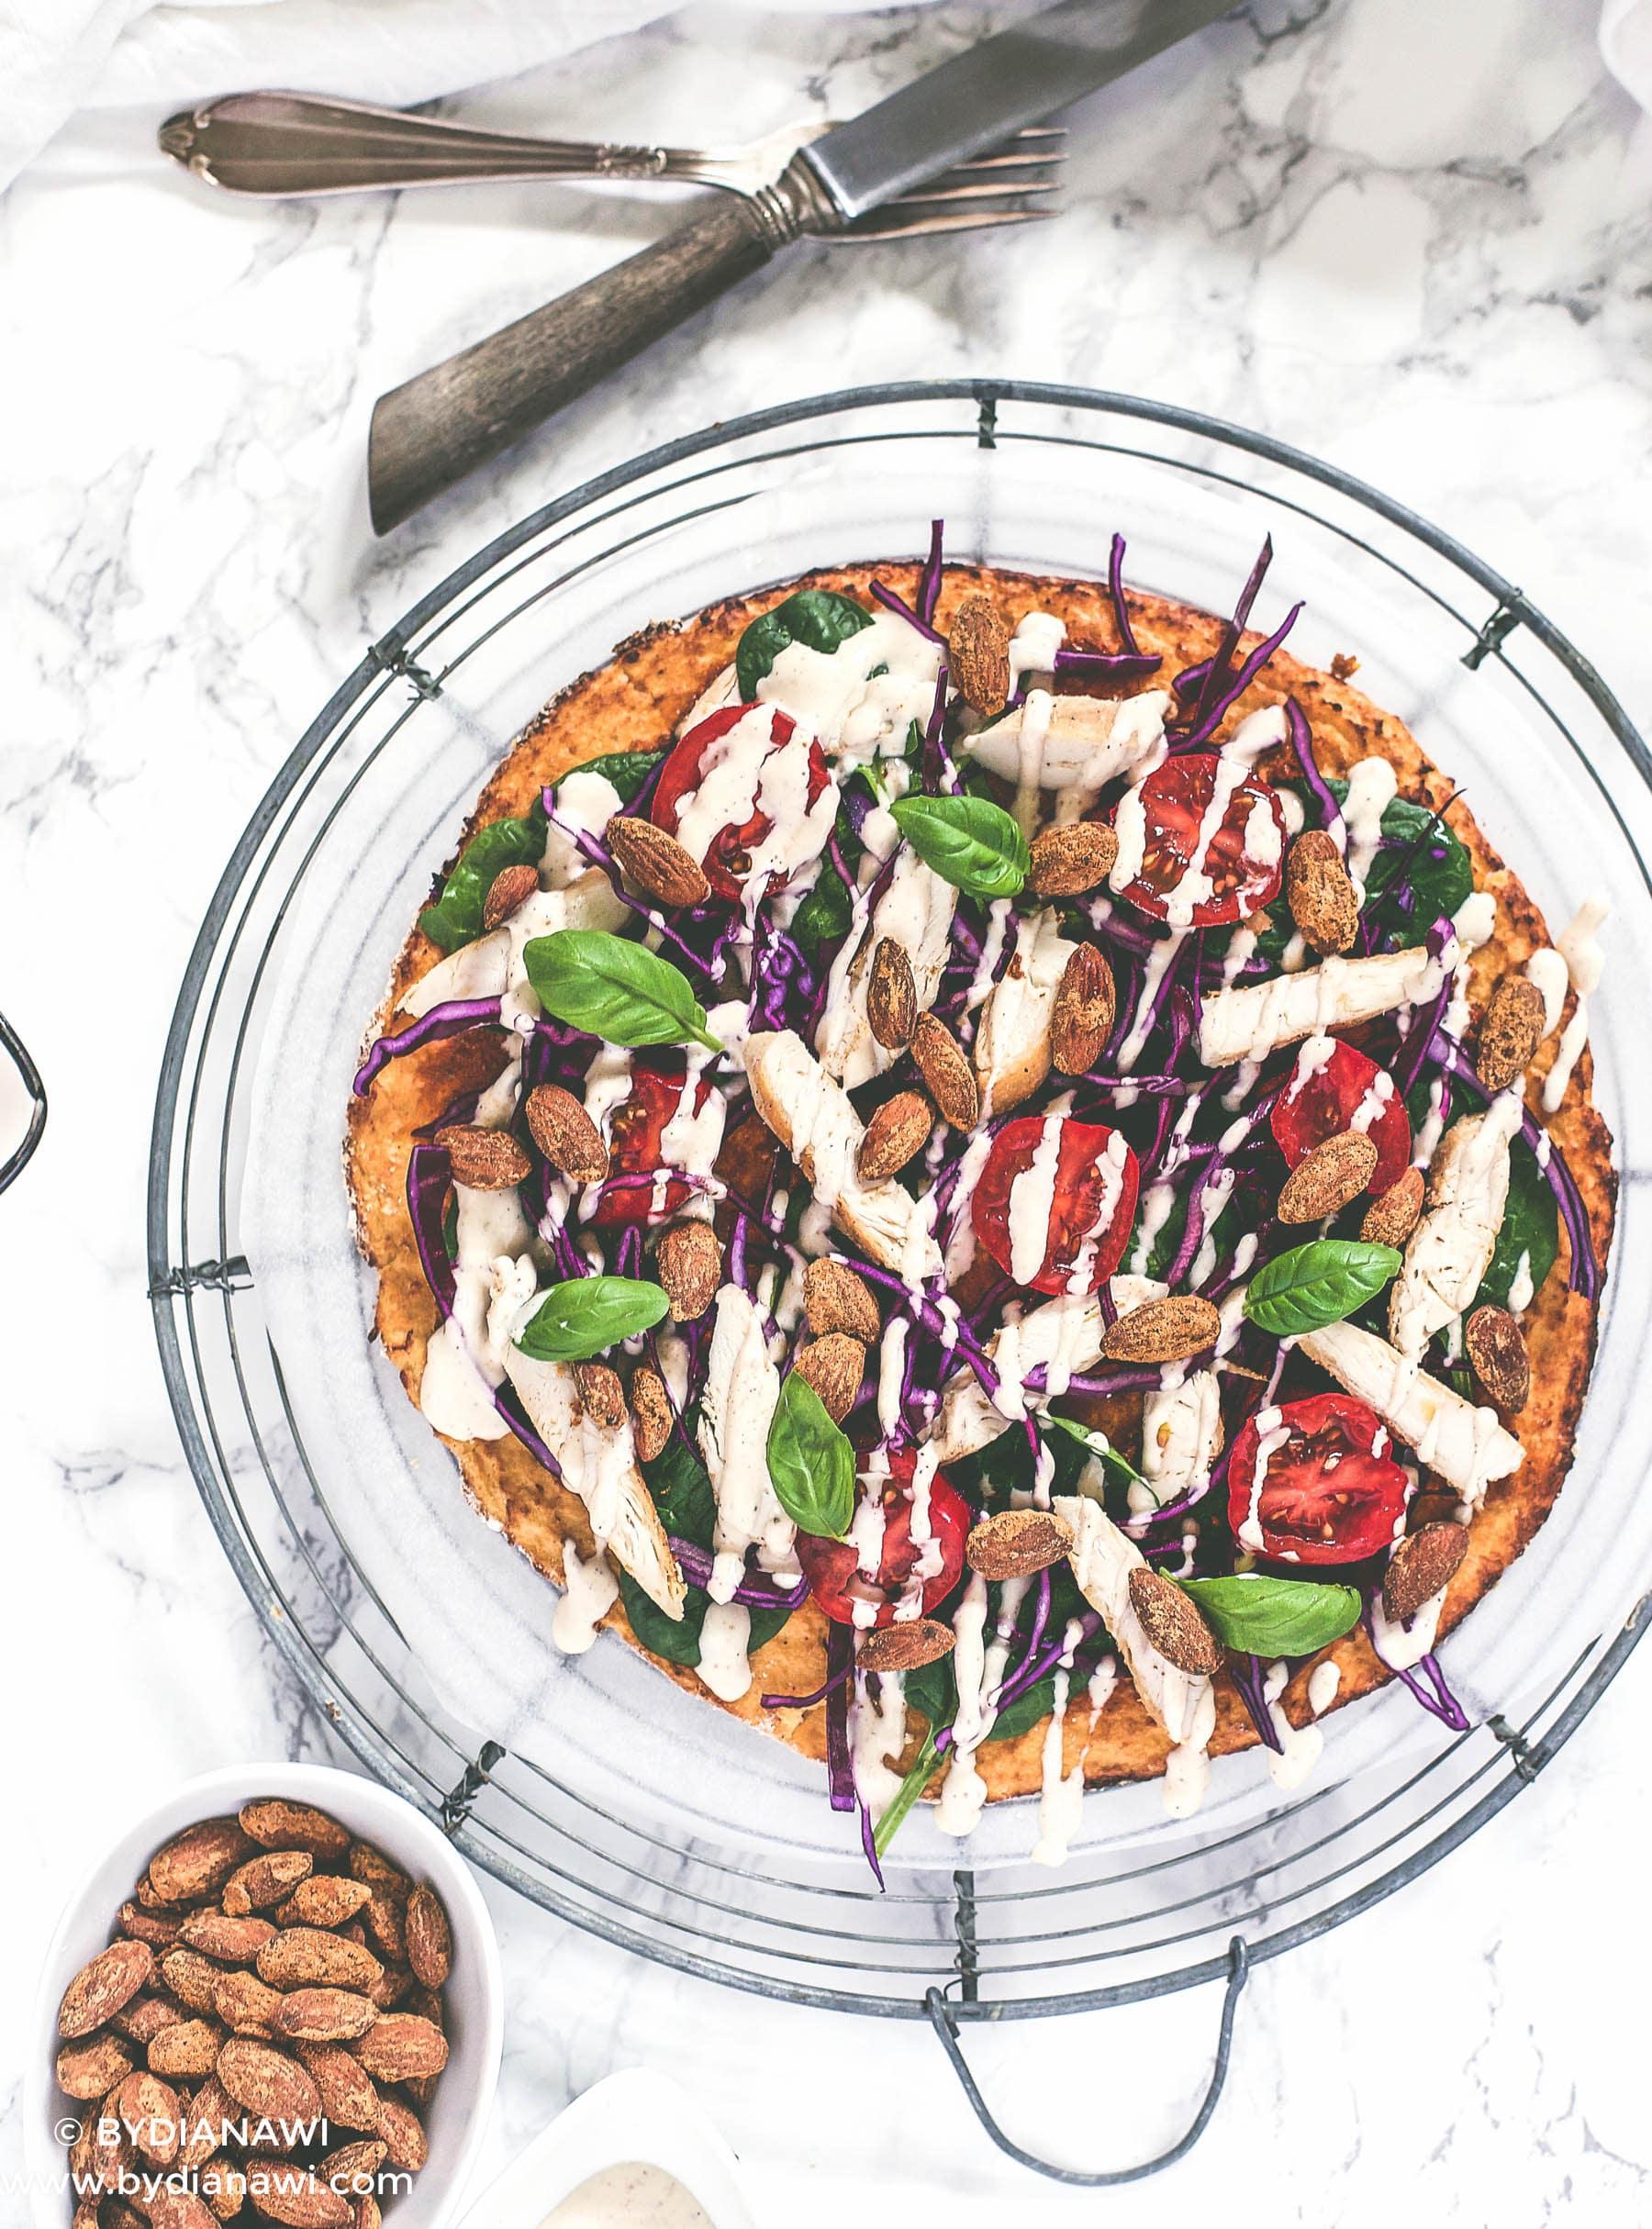 blomkålspizza, blomkåls tortillas, low carb wraps